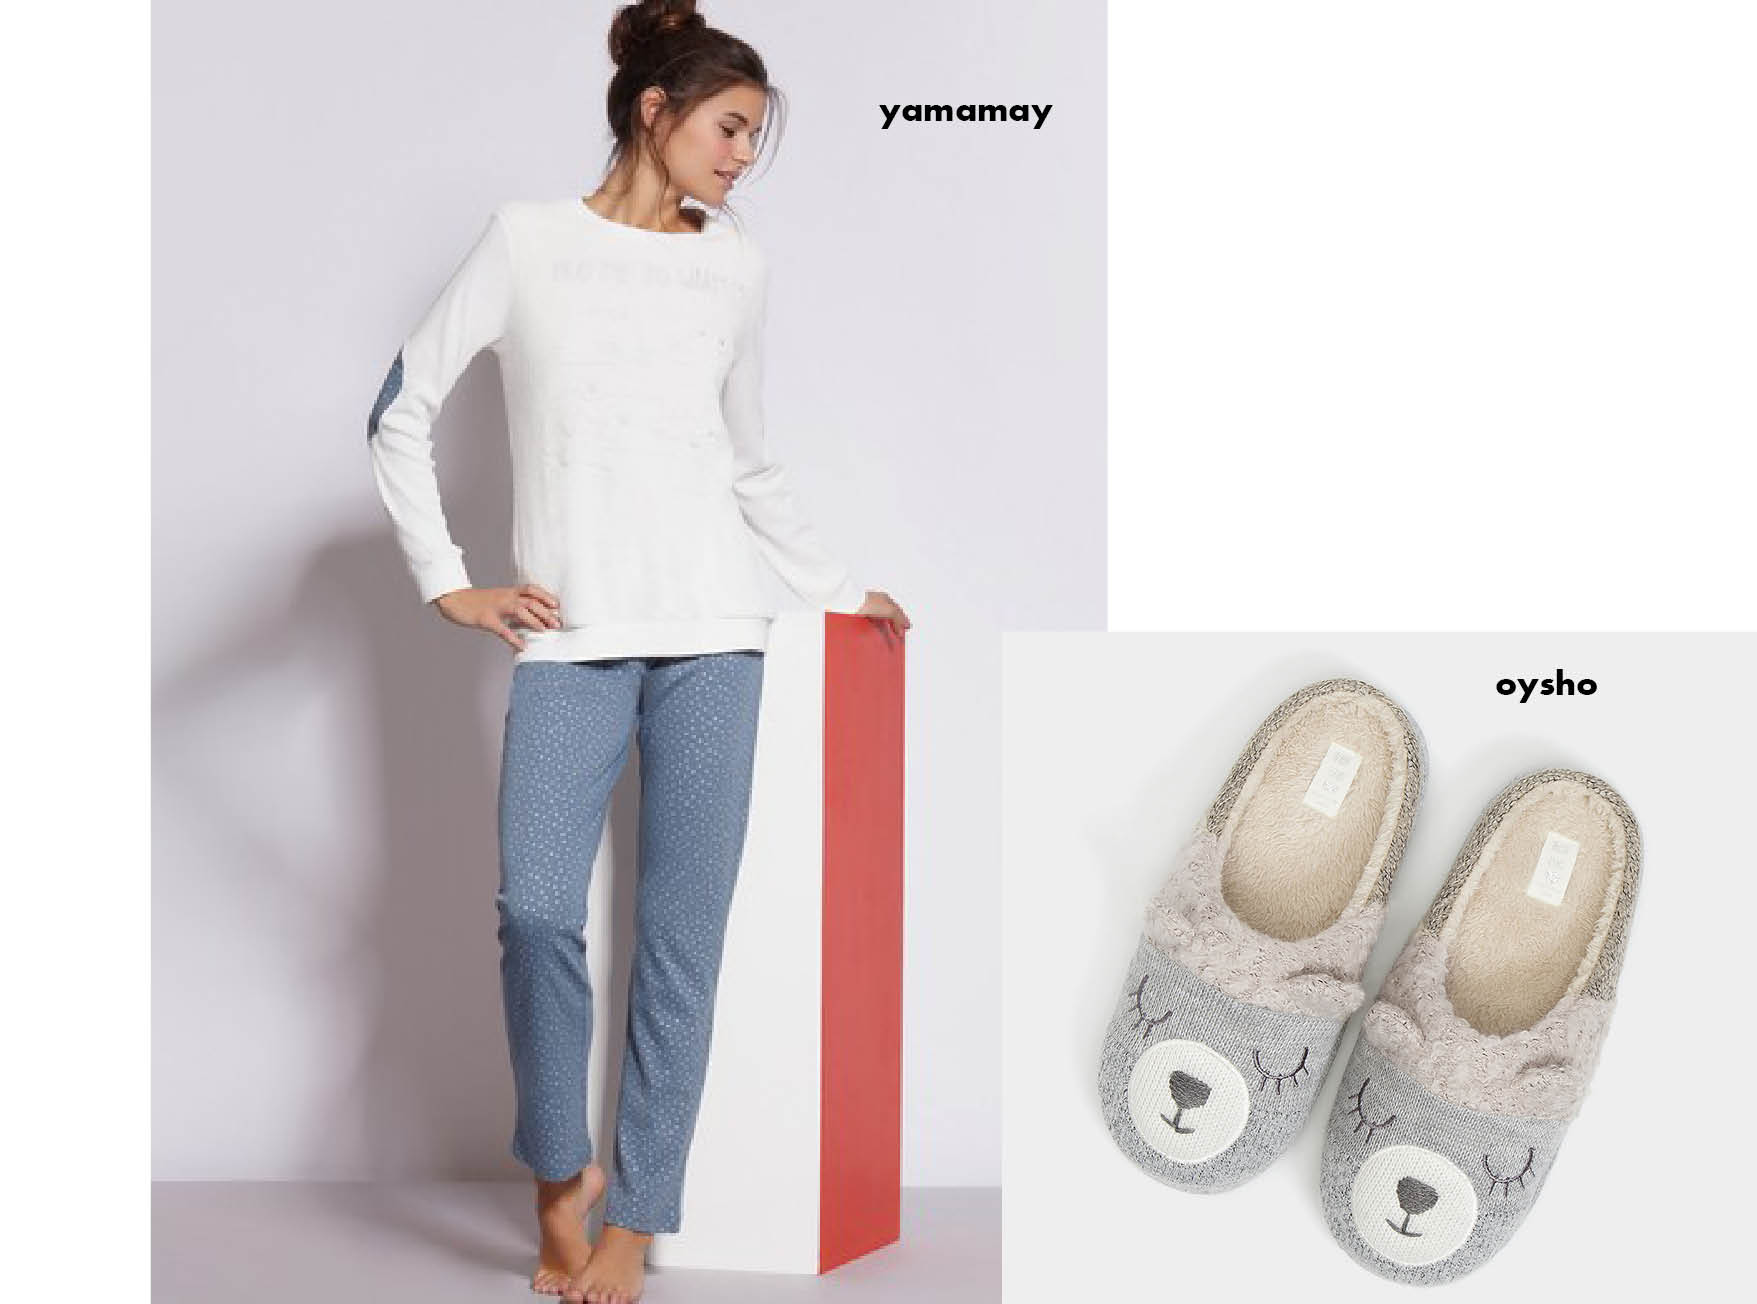 Как выбрать зимнюю одежду для дома-320x180